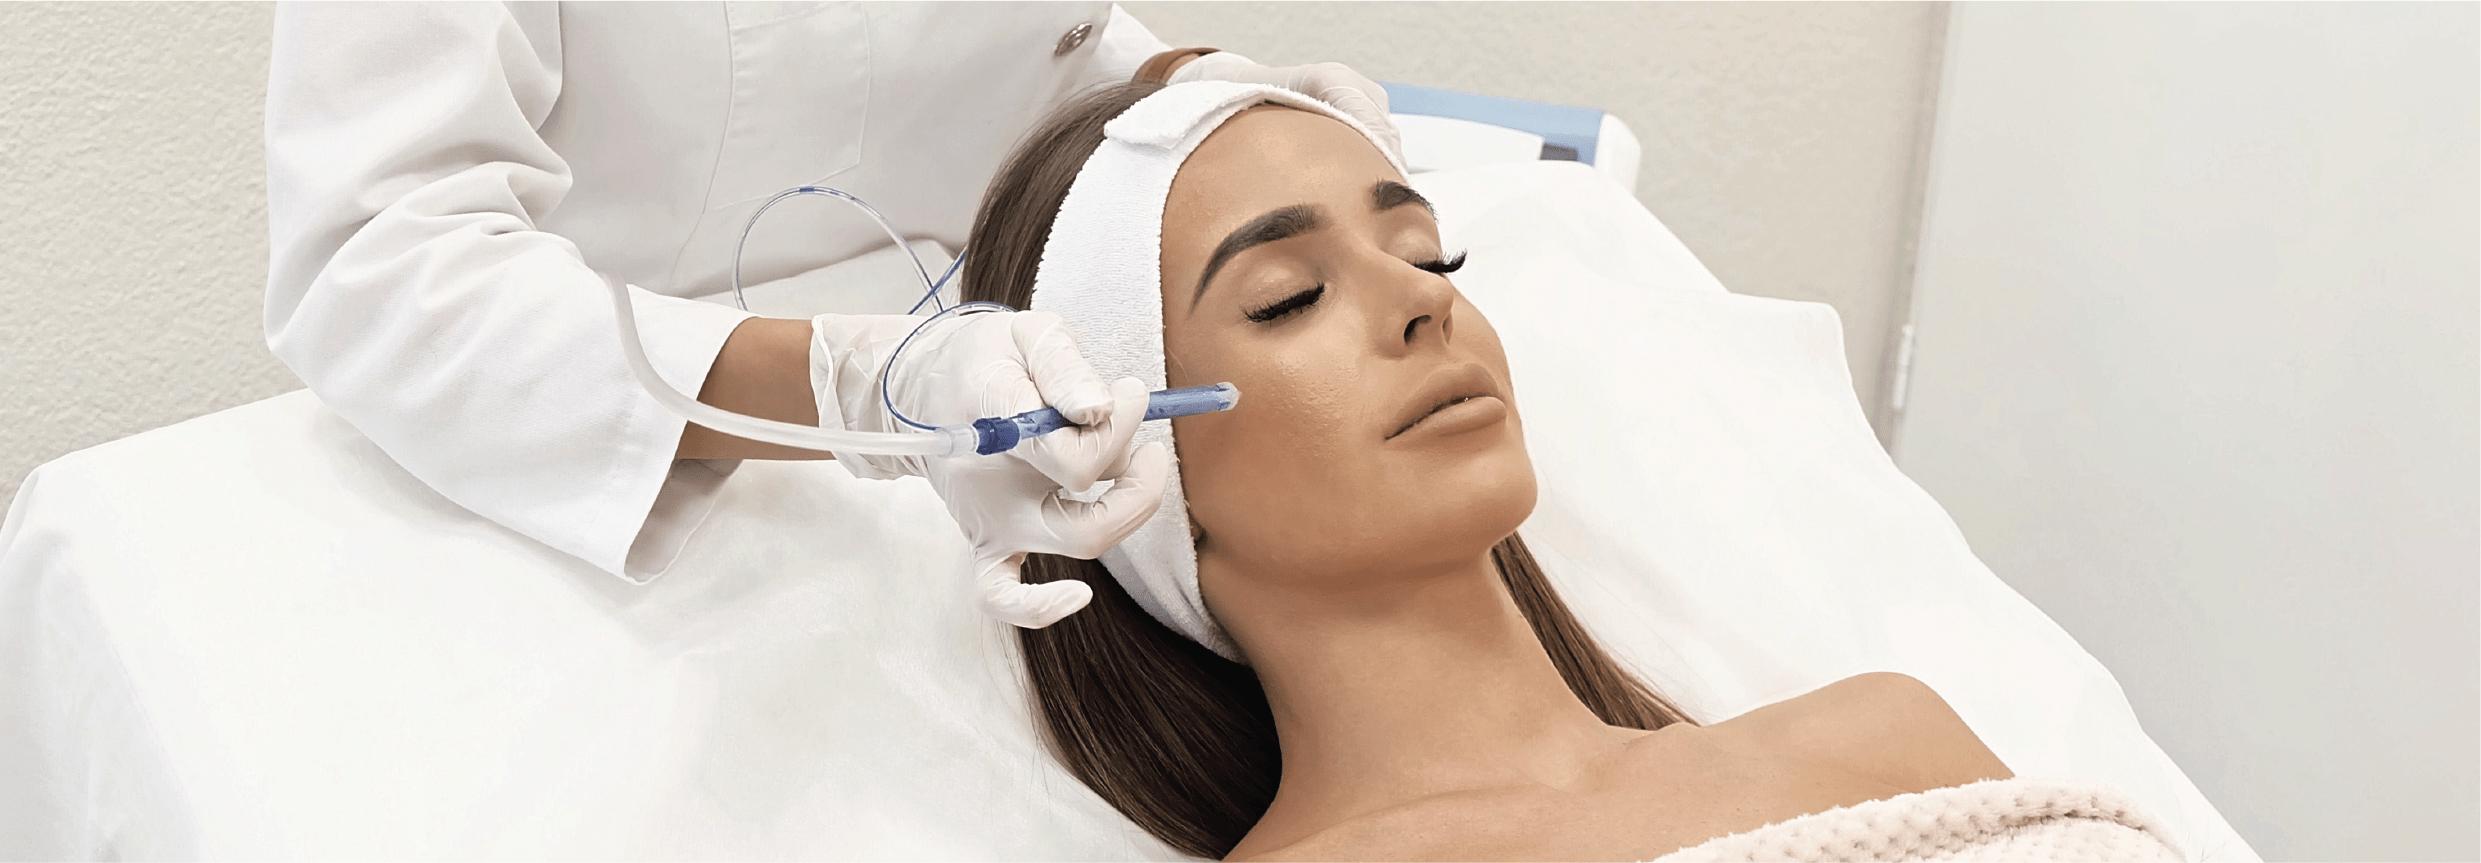 JET PEEL – veido valymas, skirts aknės gydymui